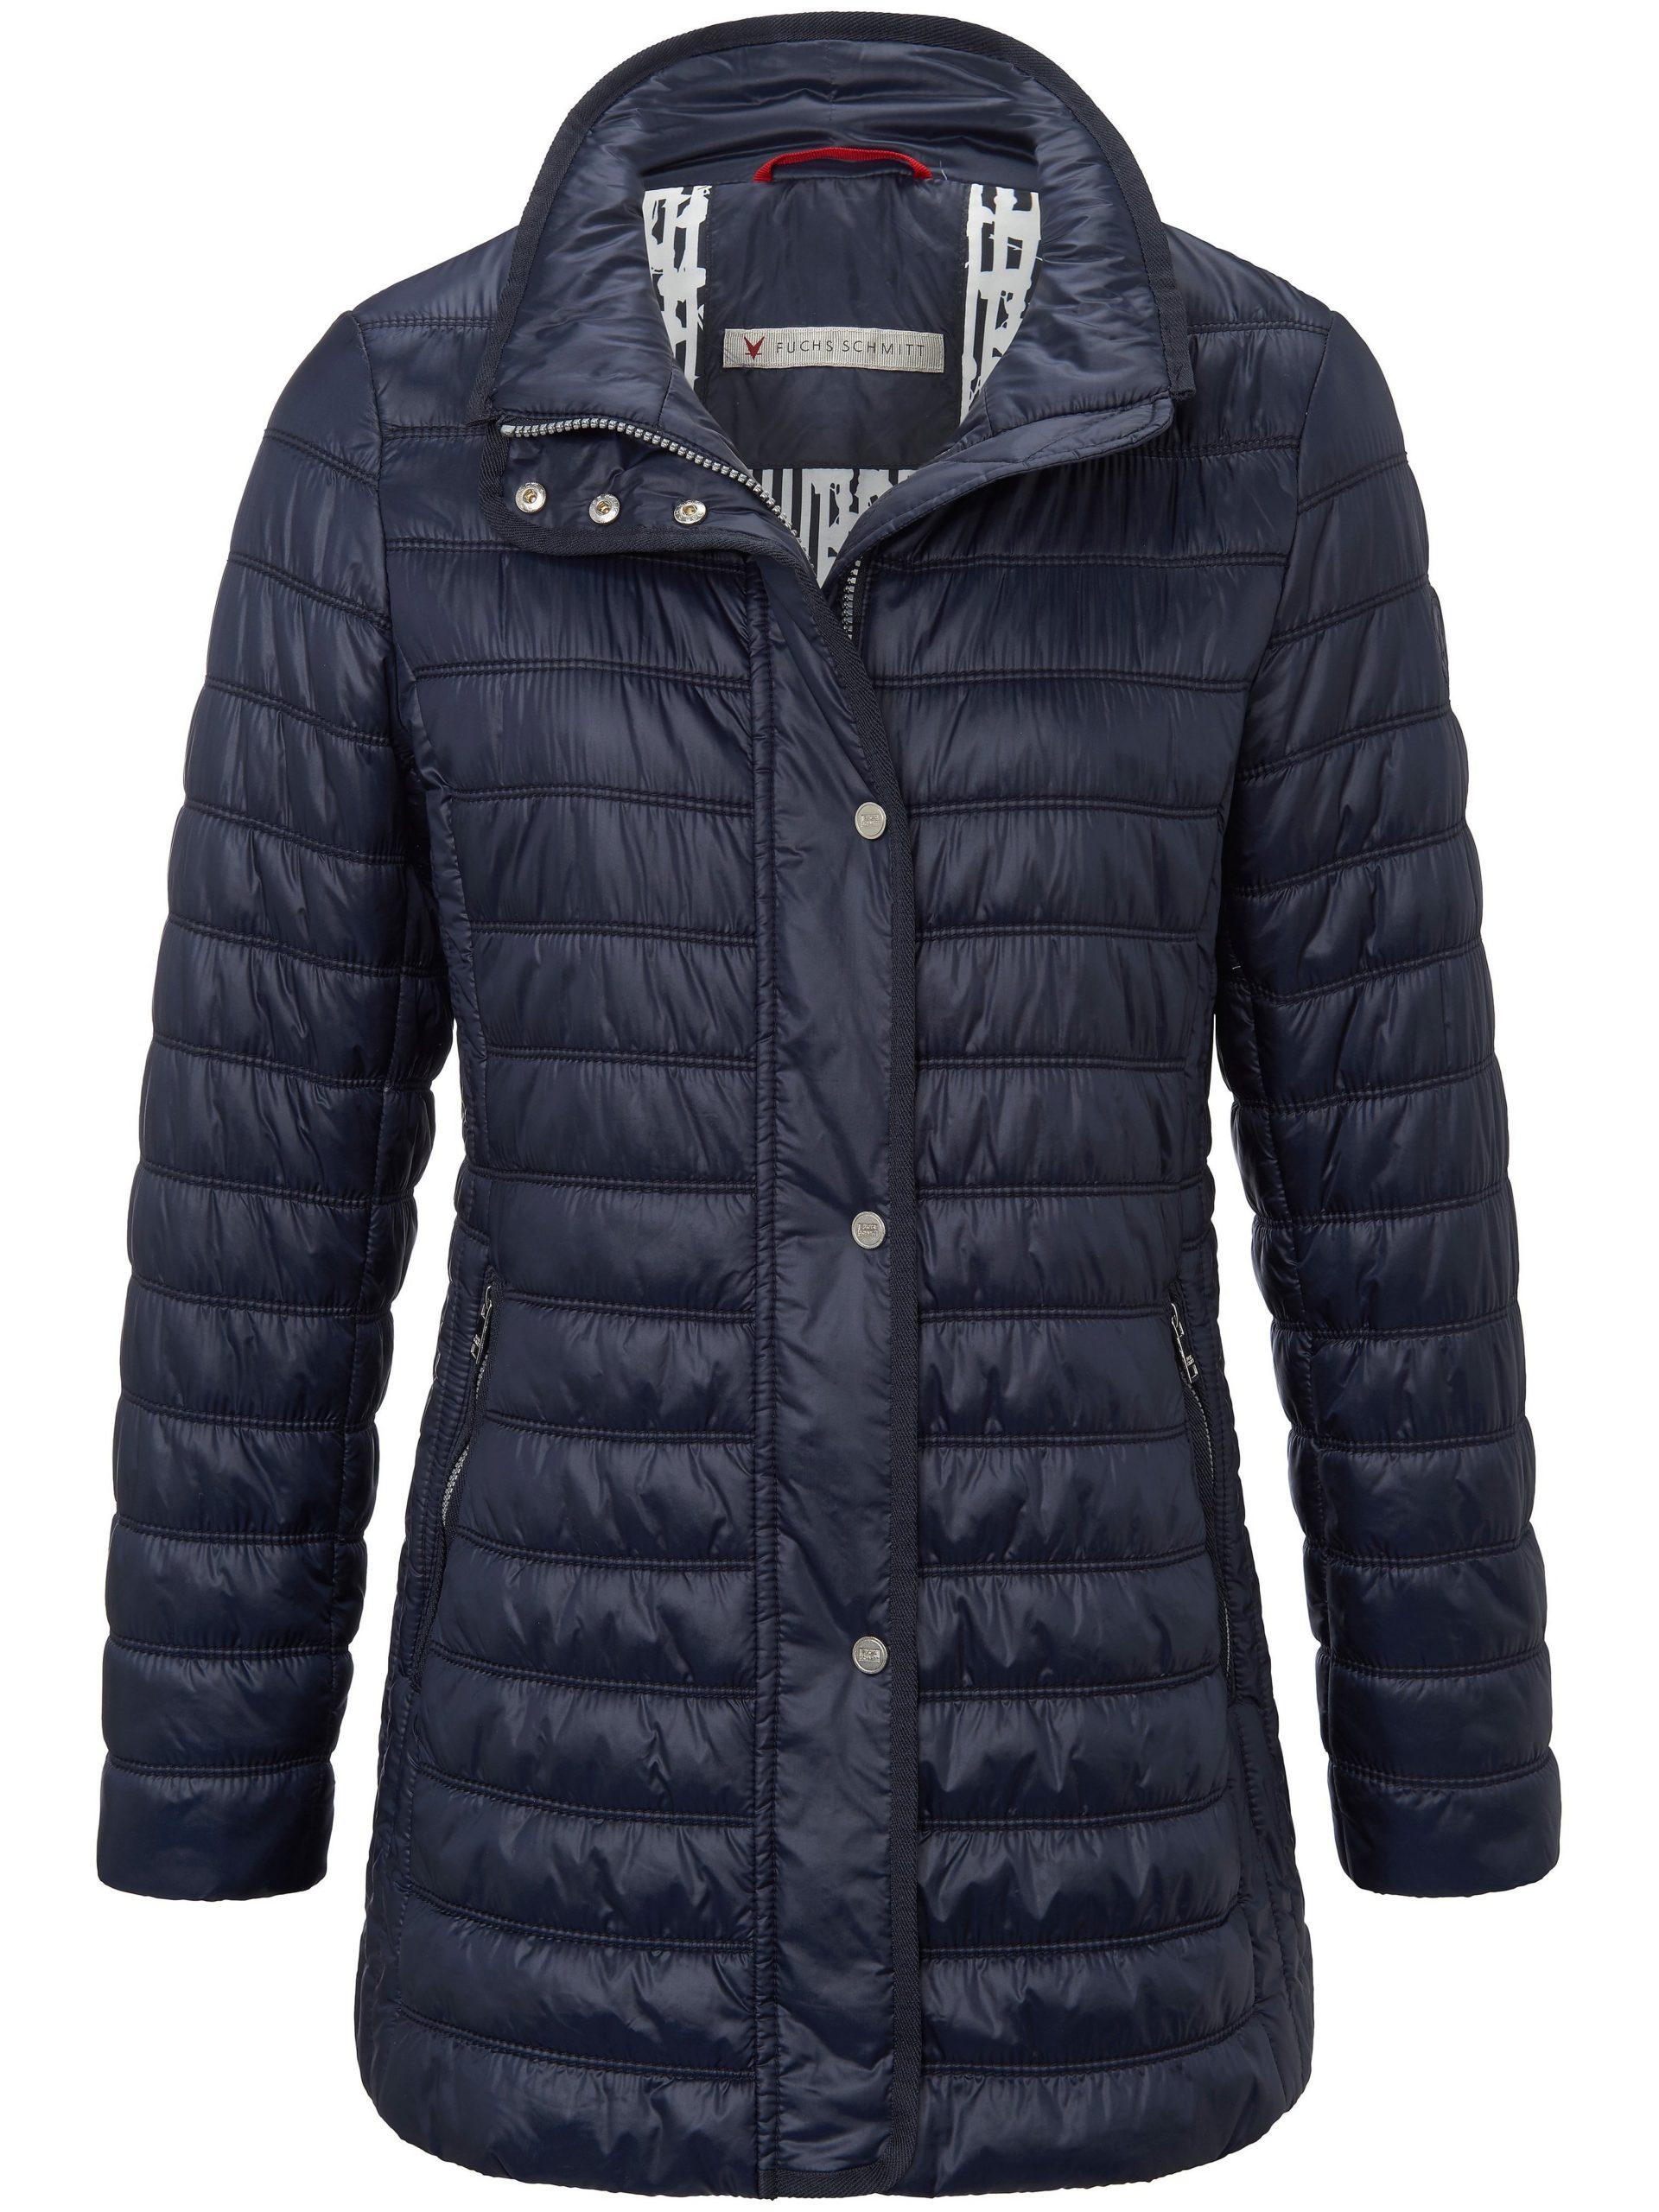 Doorgestikte jas met staande kraag Van Fuchs & Schmitt blauw Kopen